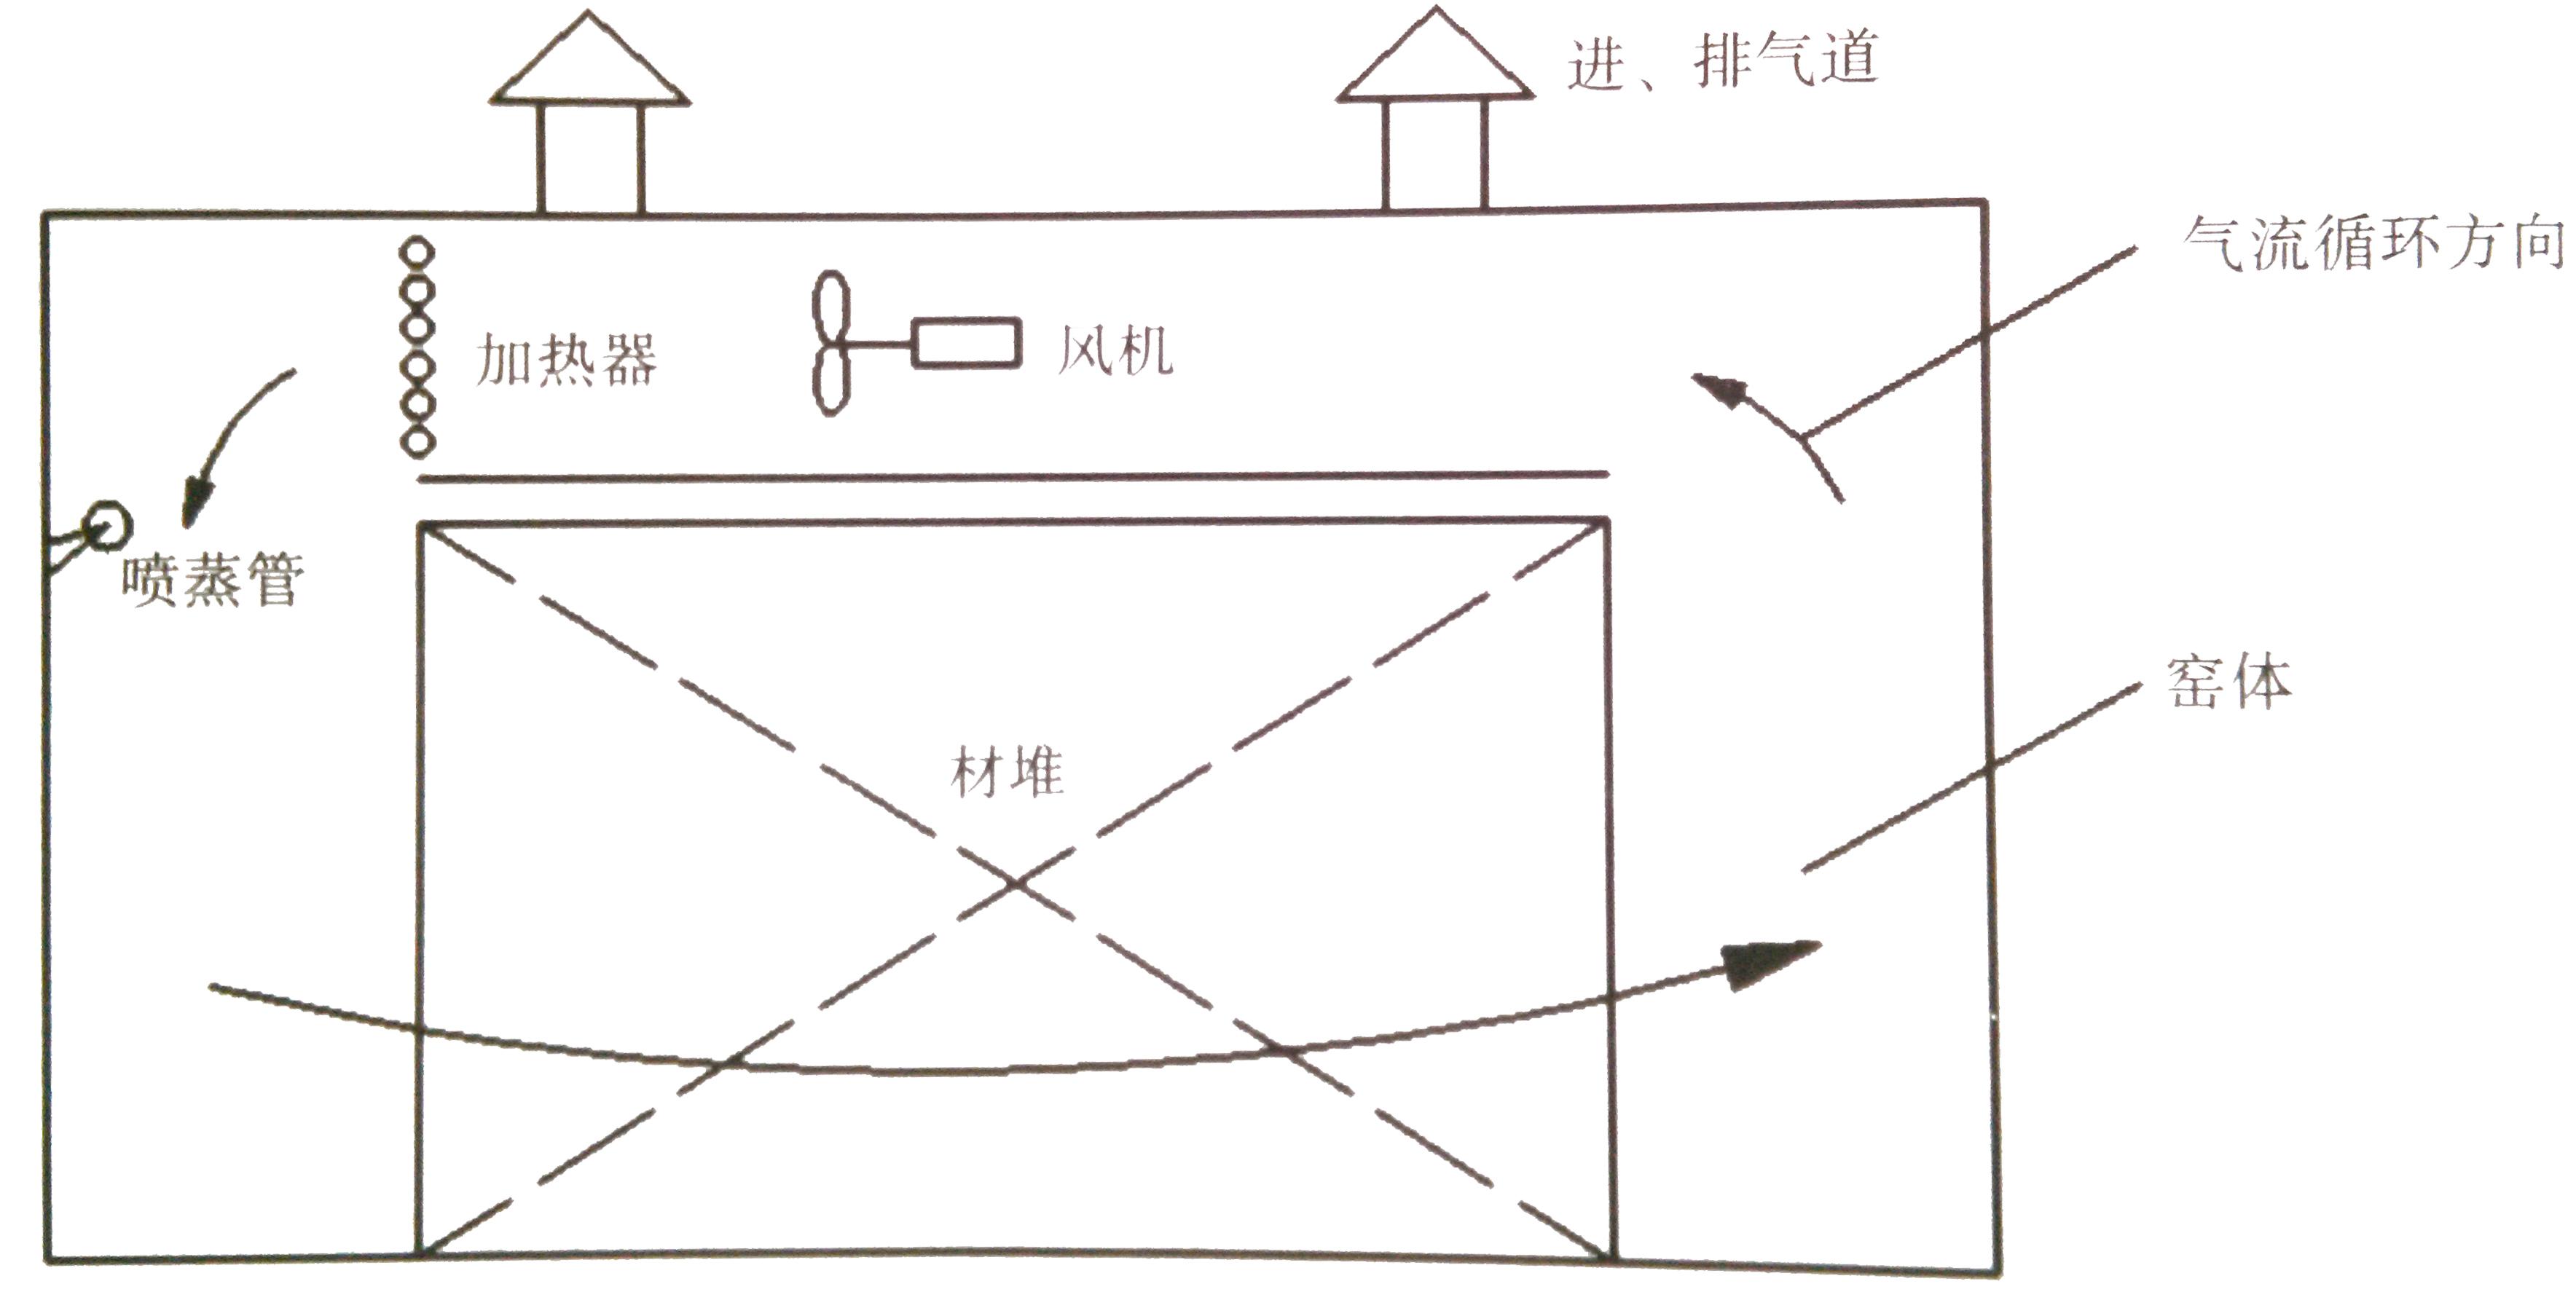 木材平衡窑工作原理图